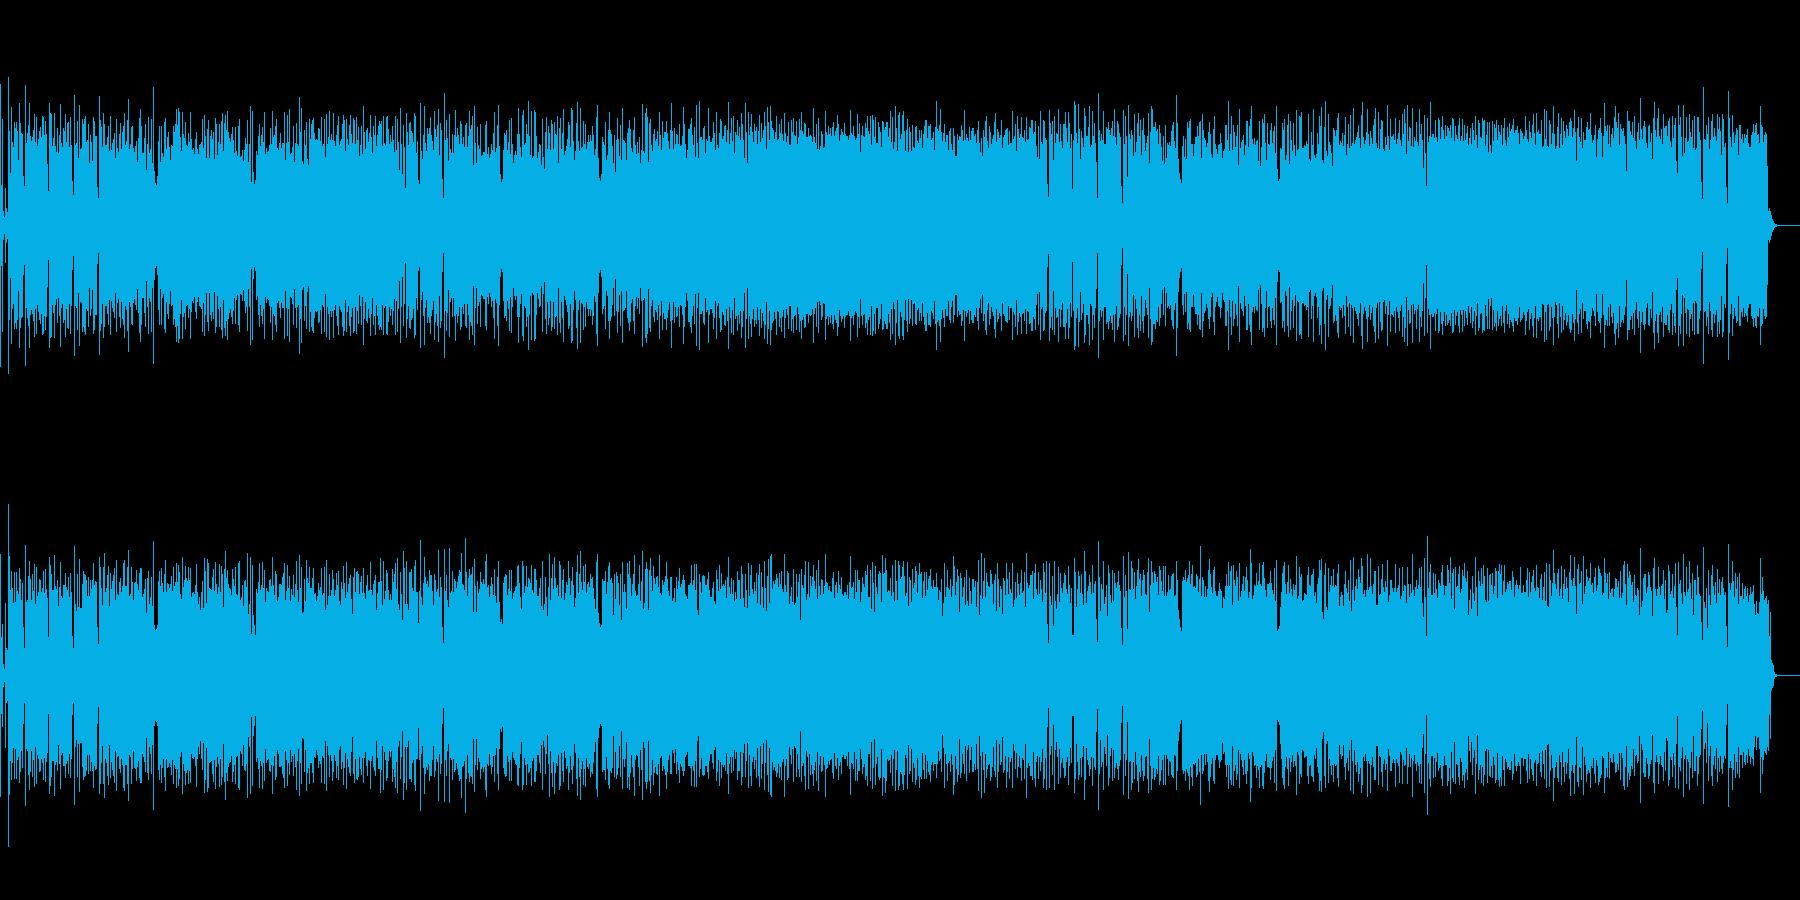 横浜をイメージしたポップスロックの再生済みの波形